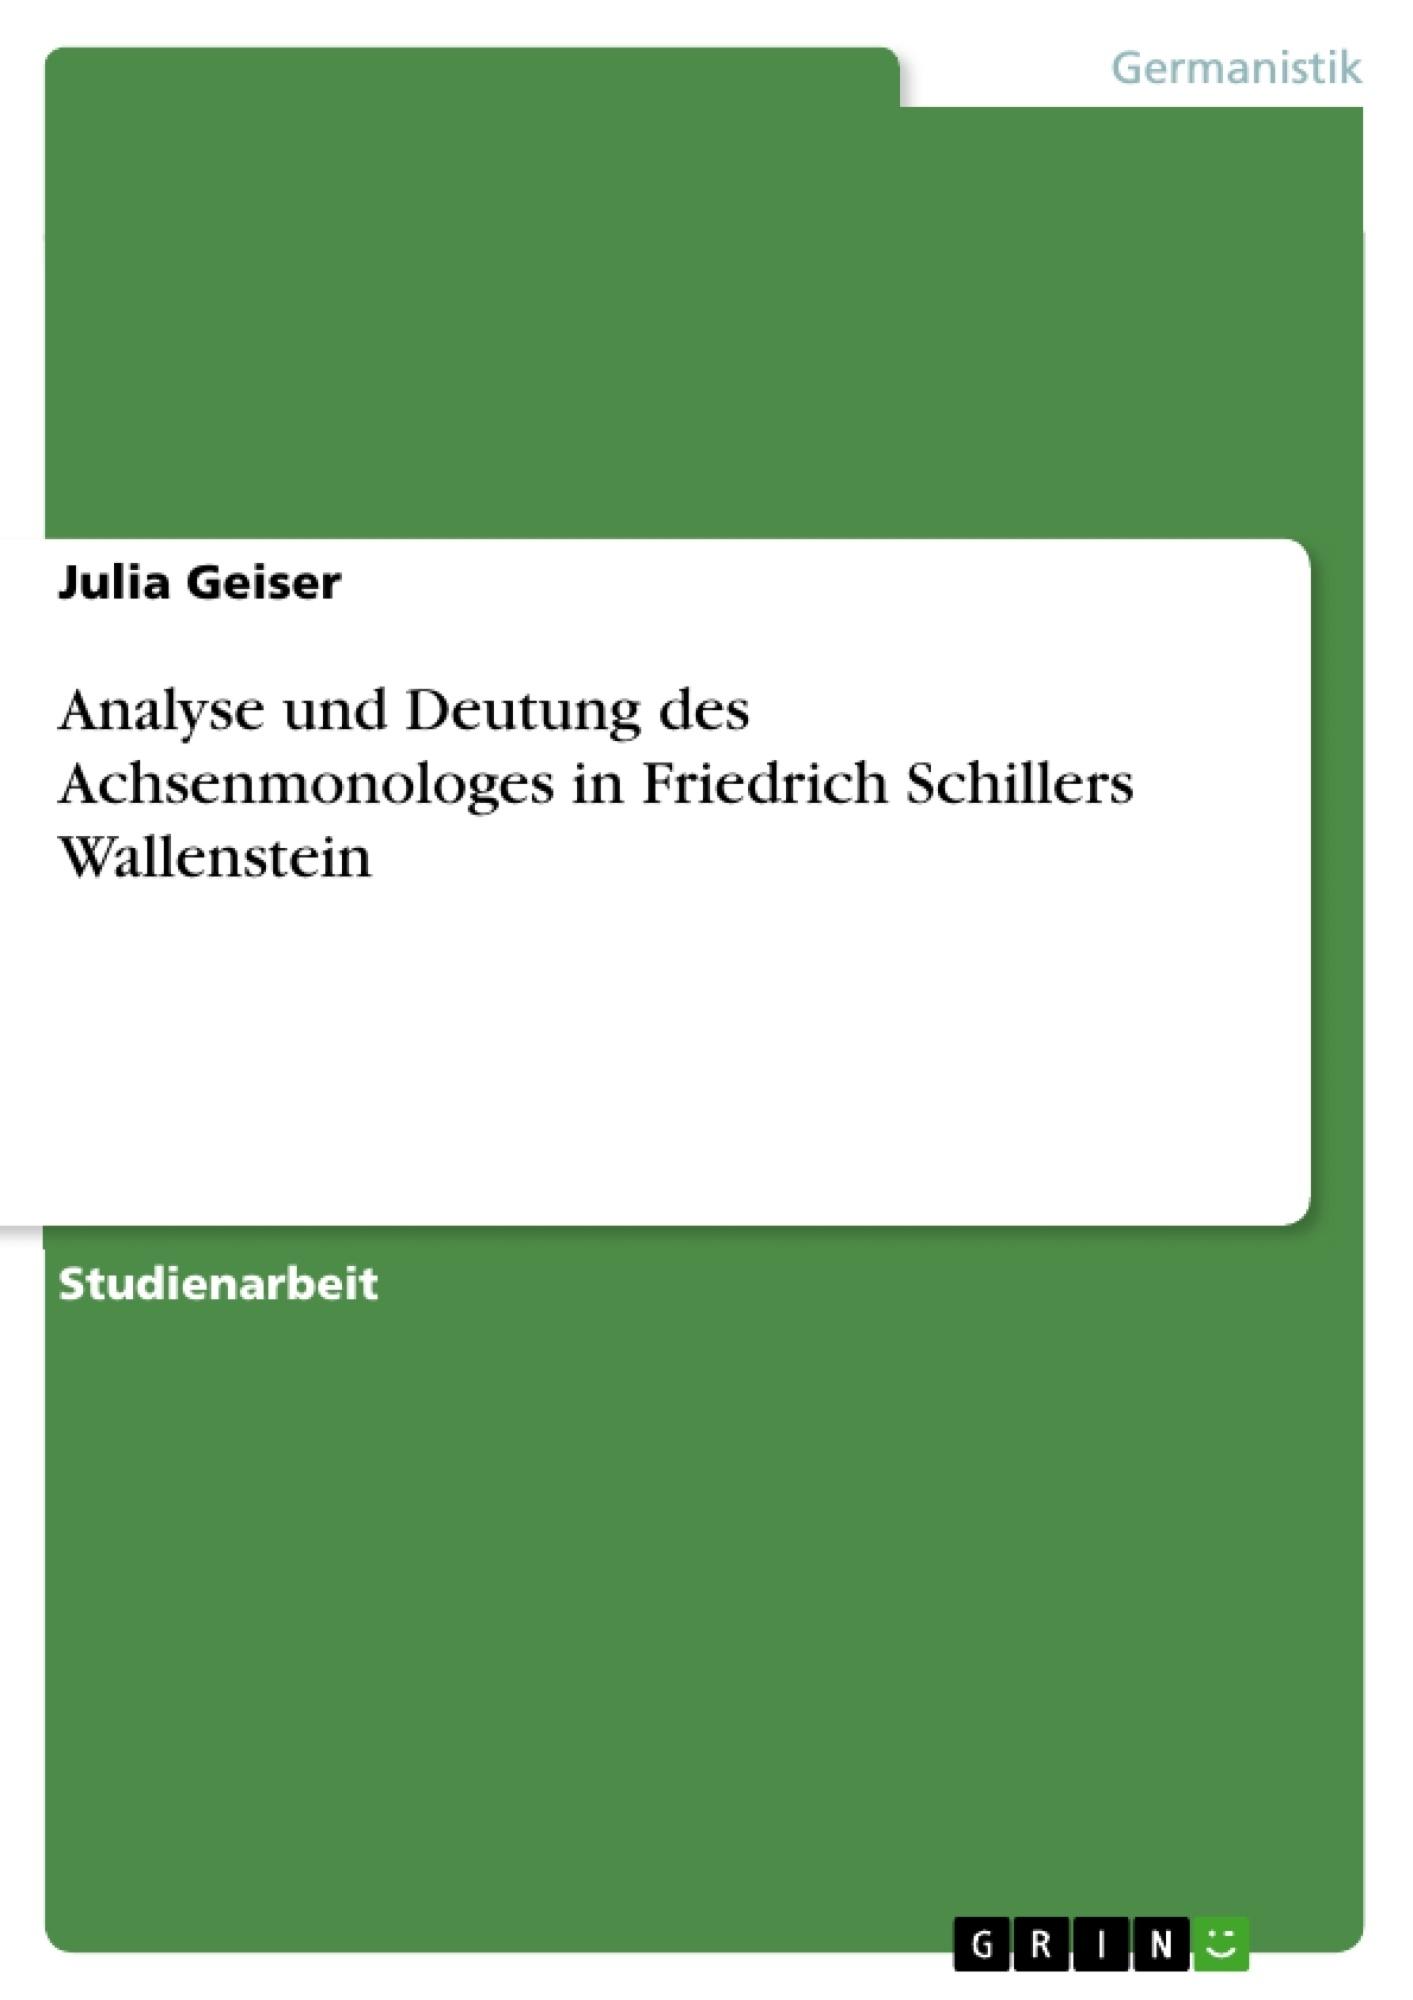 Titel: Analyse und Deutung des Achsenmonologes in Friedrich Schillers Wallenstein